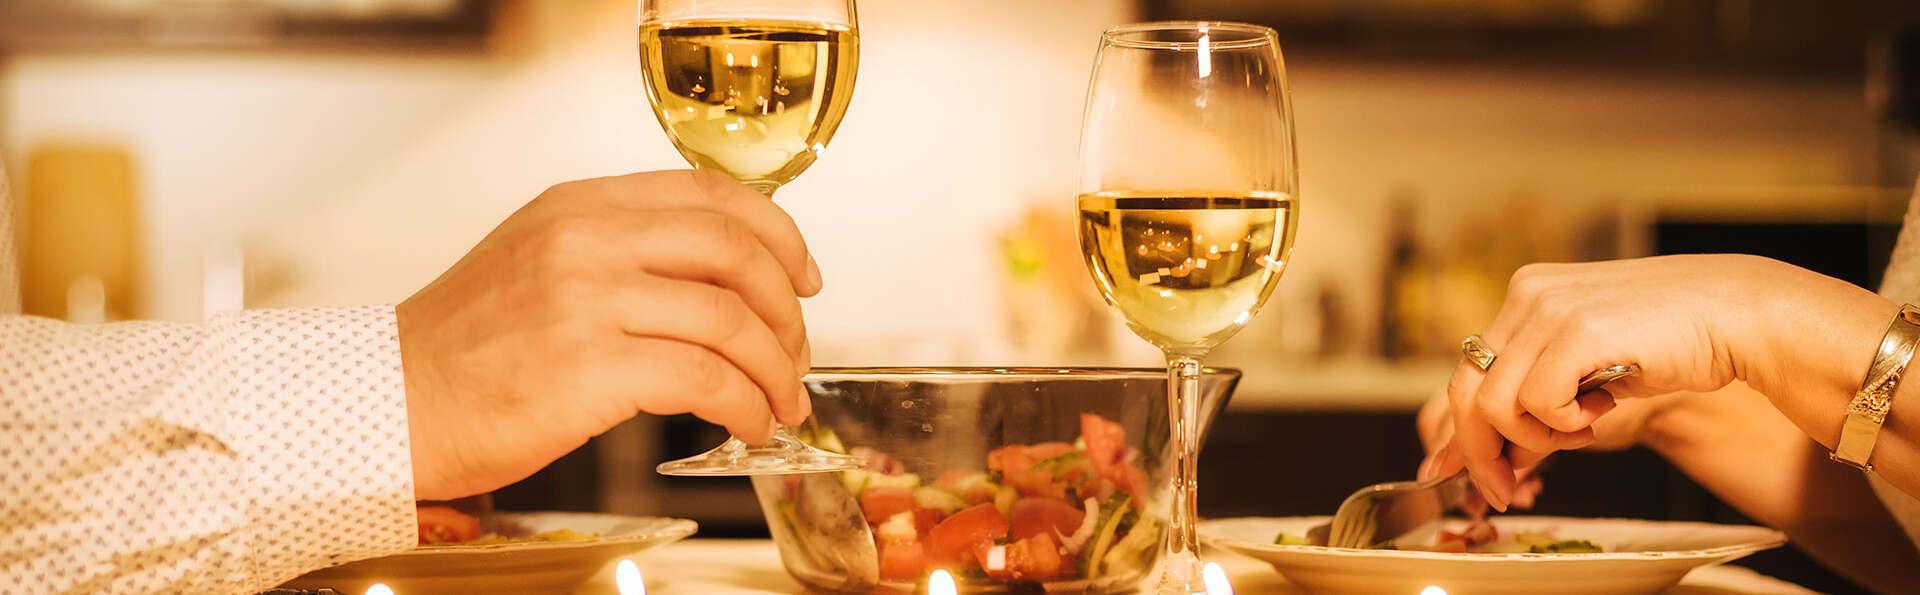 Échappée romantique avec champagne et macarons aux portes de Paris